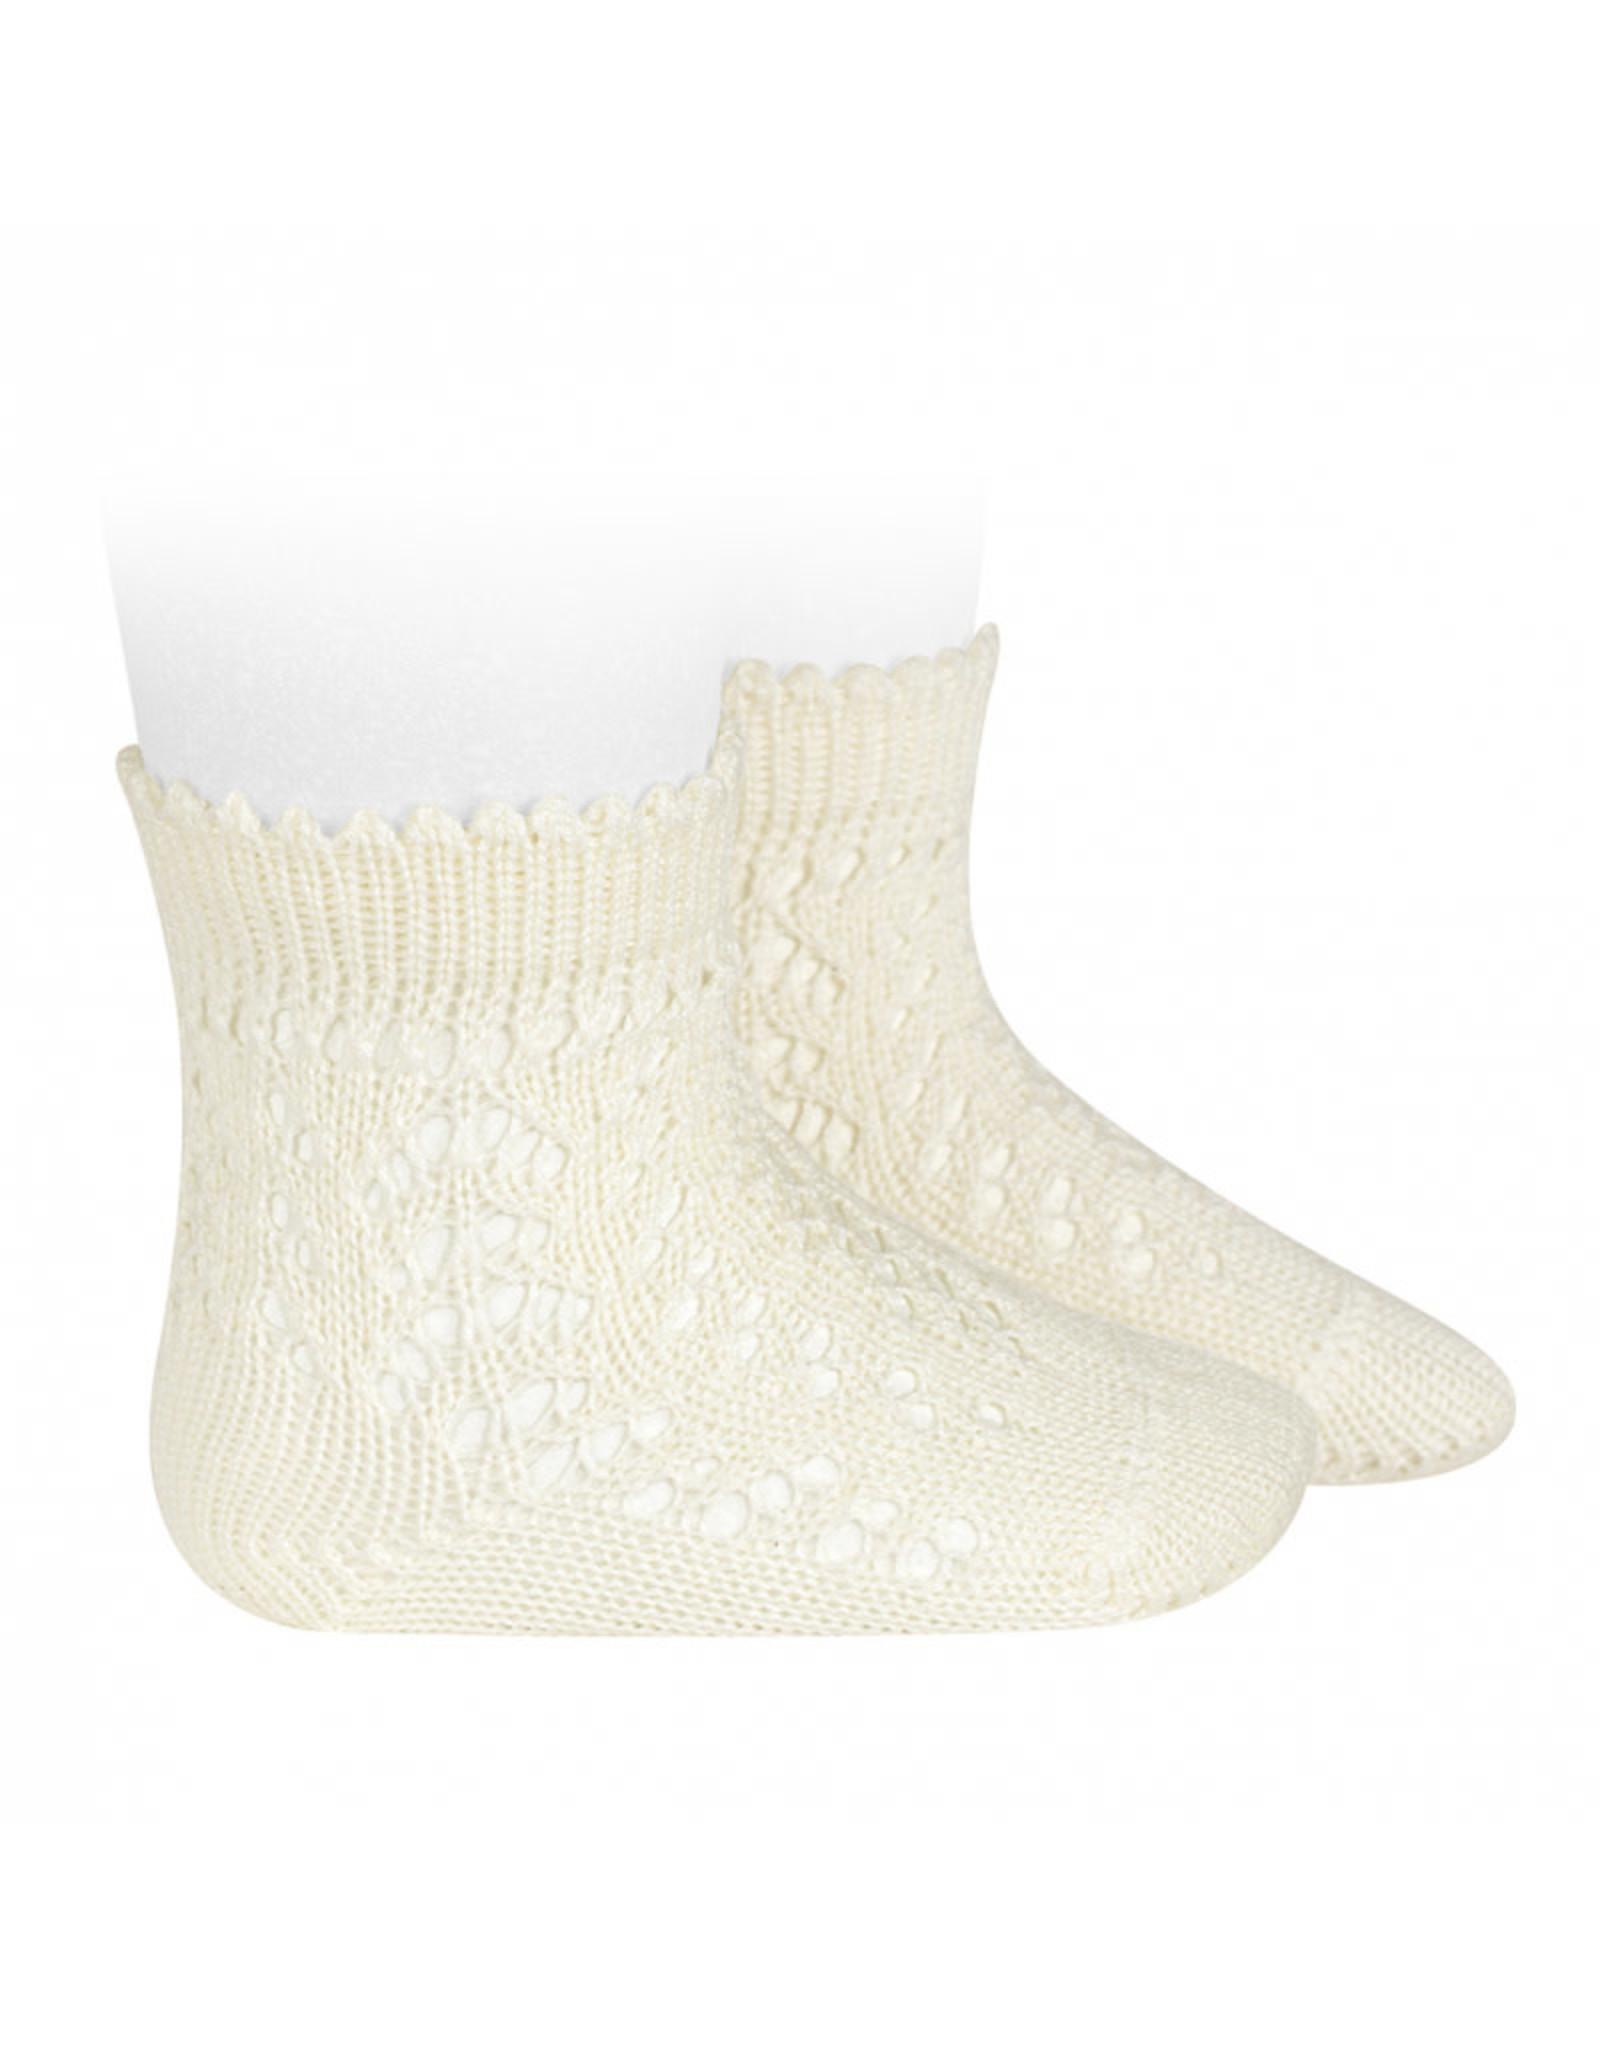 CONDOR Beige Openwork Short Socks